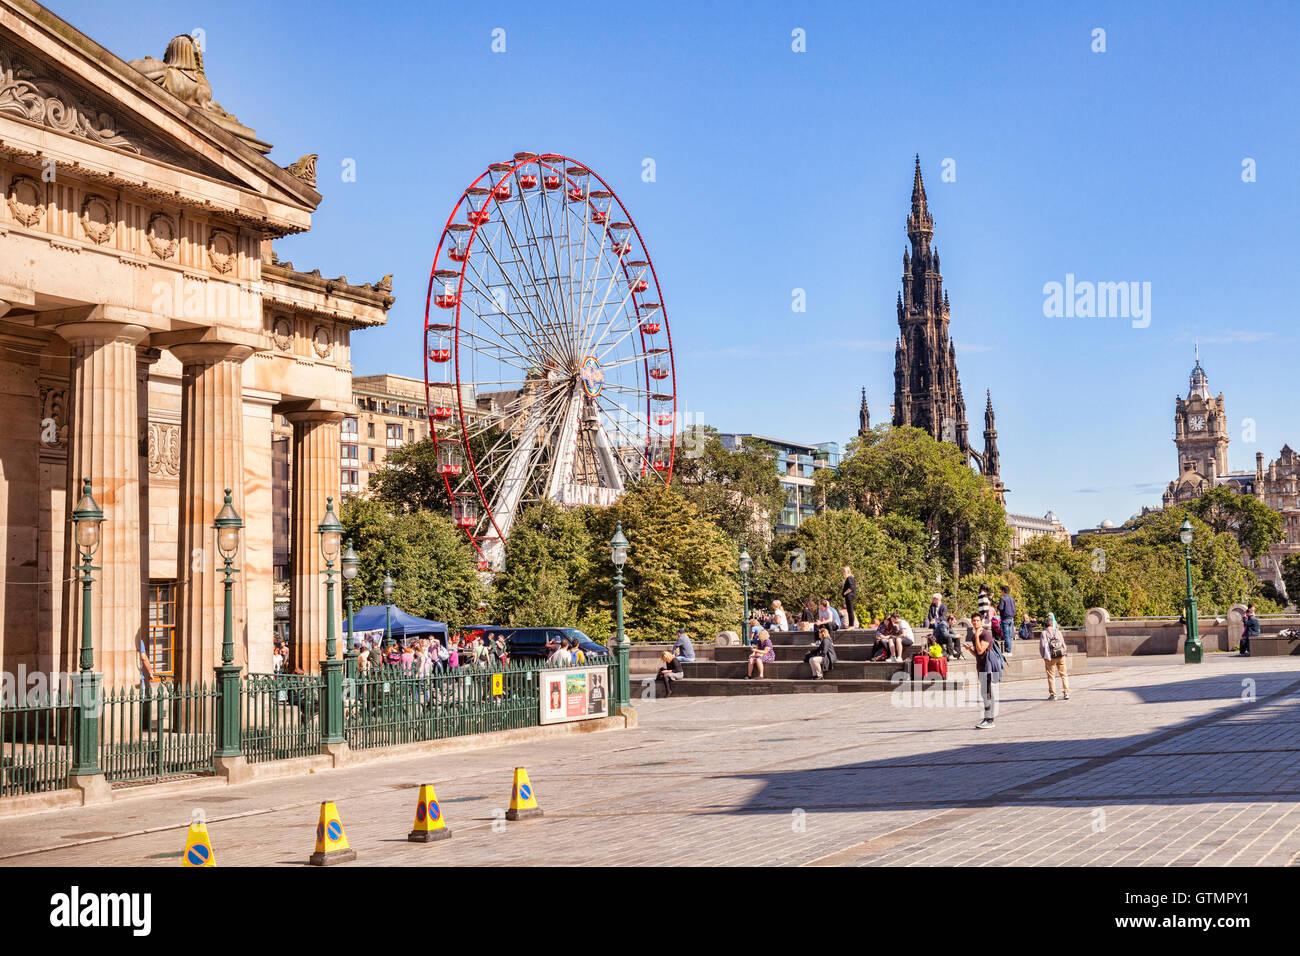 Edinburgh skyline, avec la Scottish National Gallery, le Festival roue, le Scott Monument, et la tour de l'horloge Photo Stock